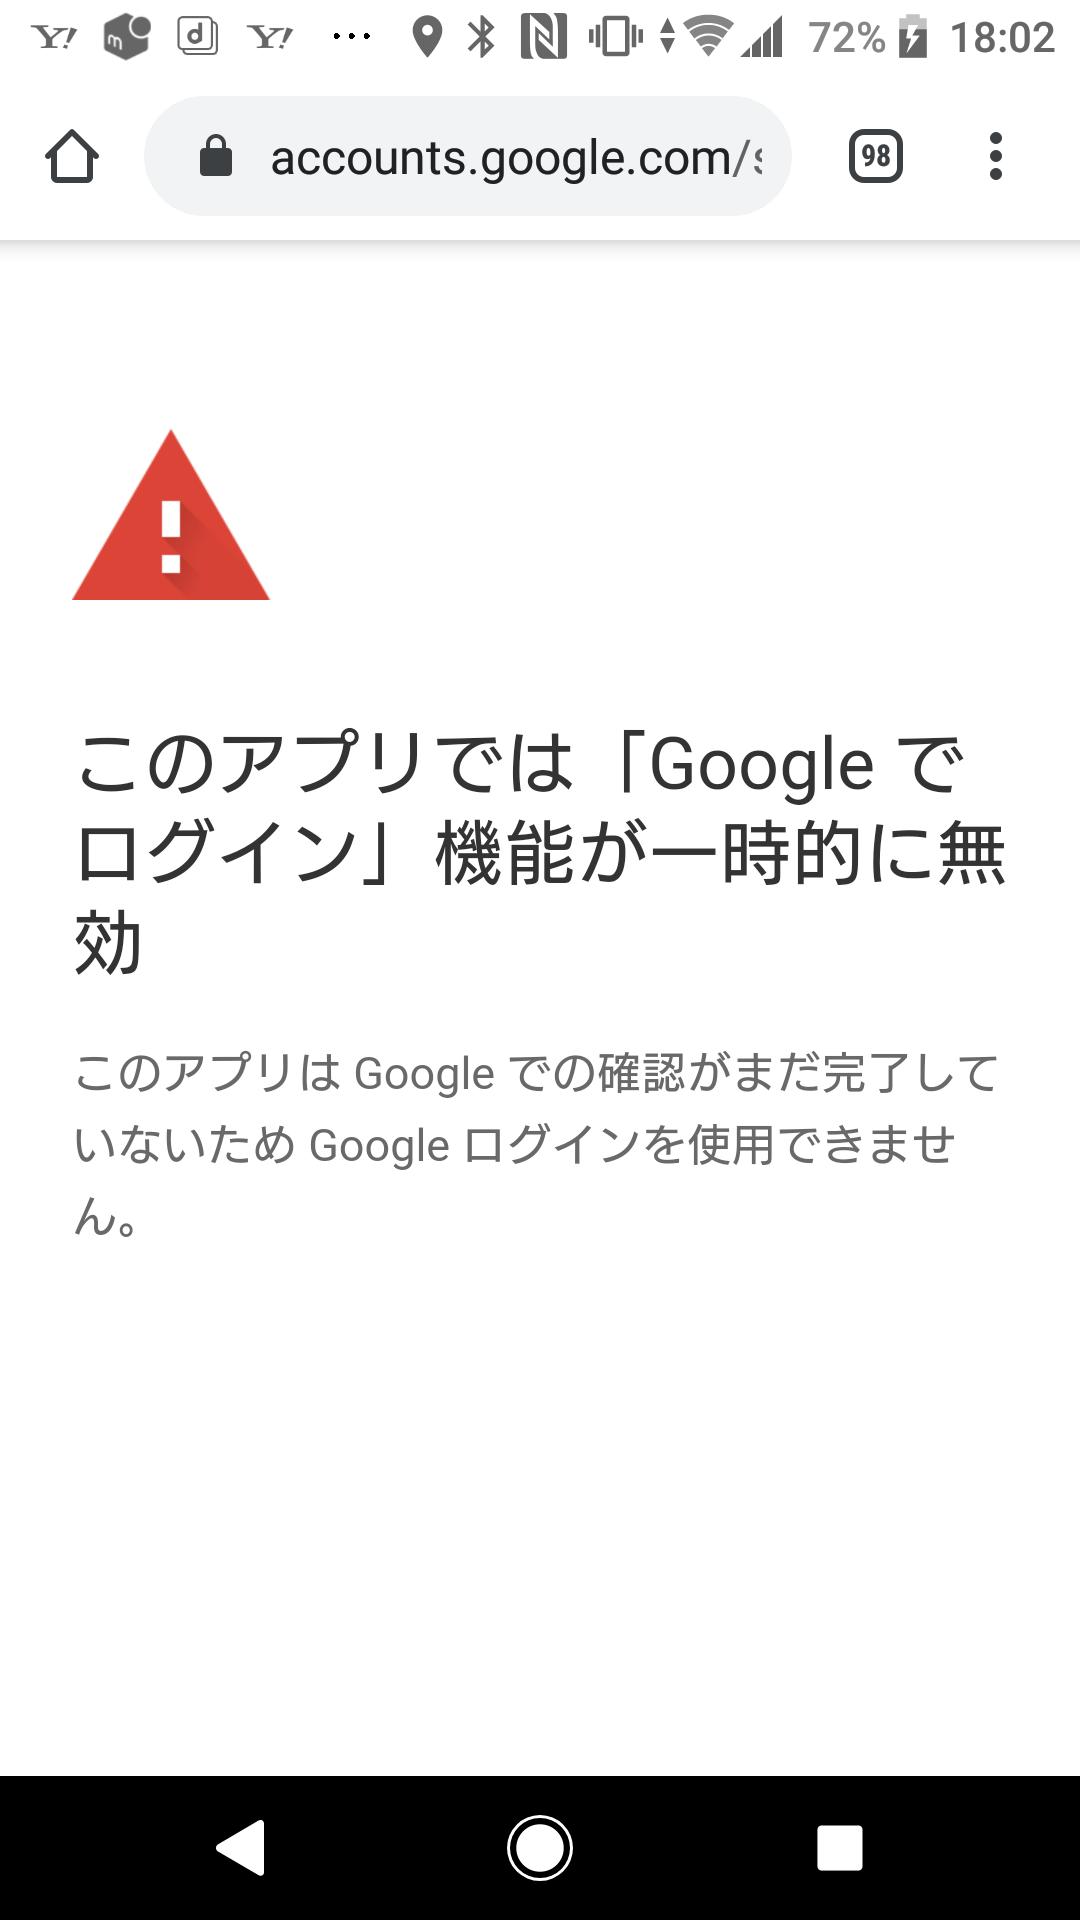 に 機能 的 では この アプリ google ログイン 無効 で 一時 が